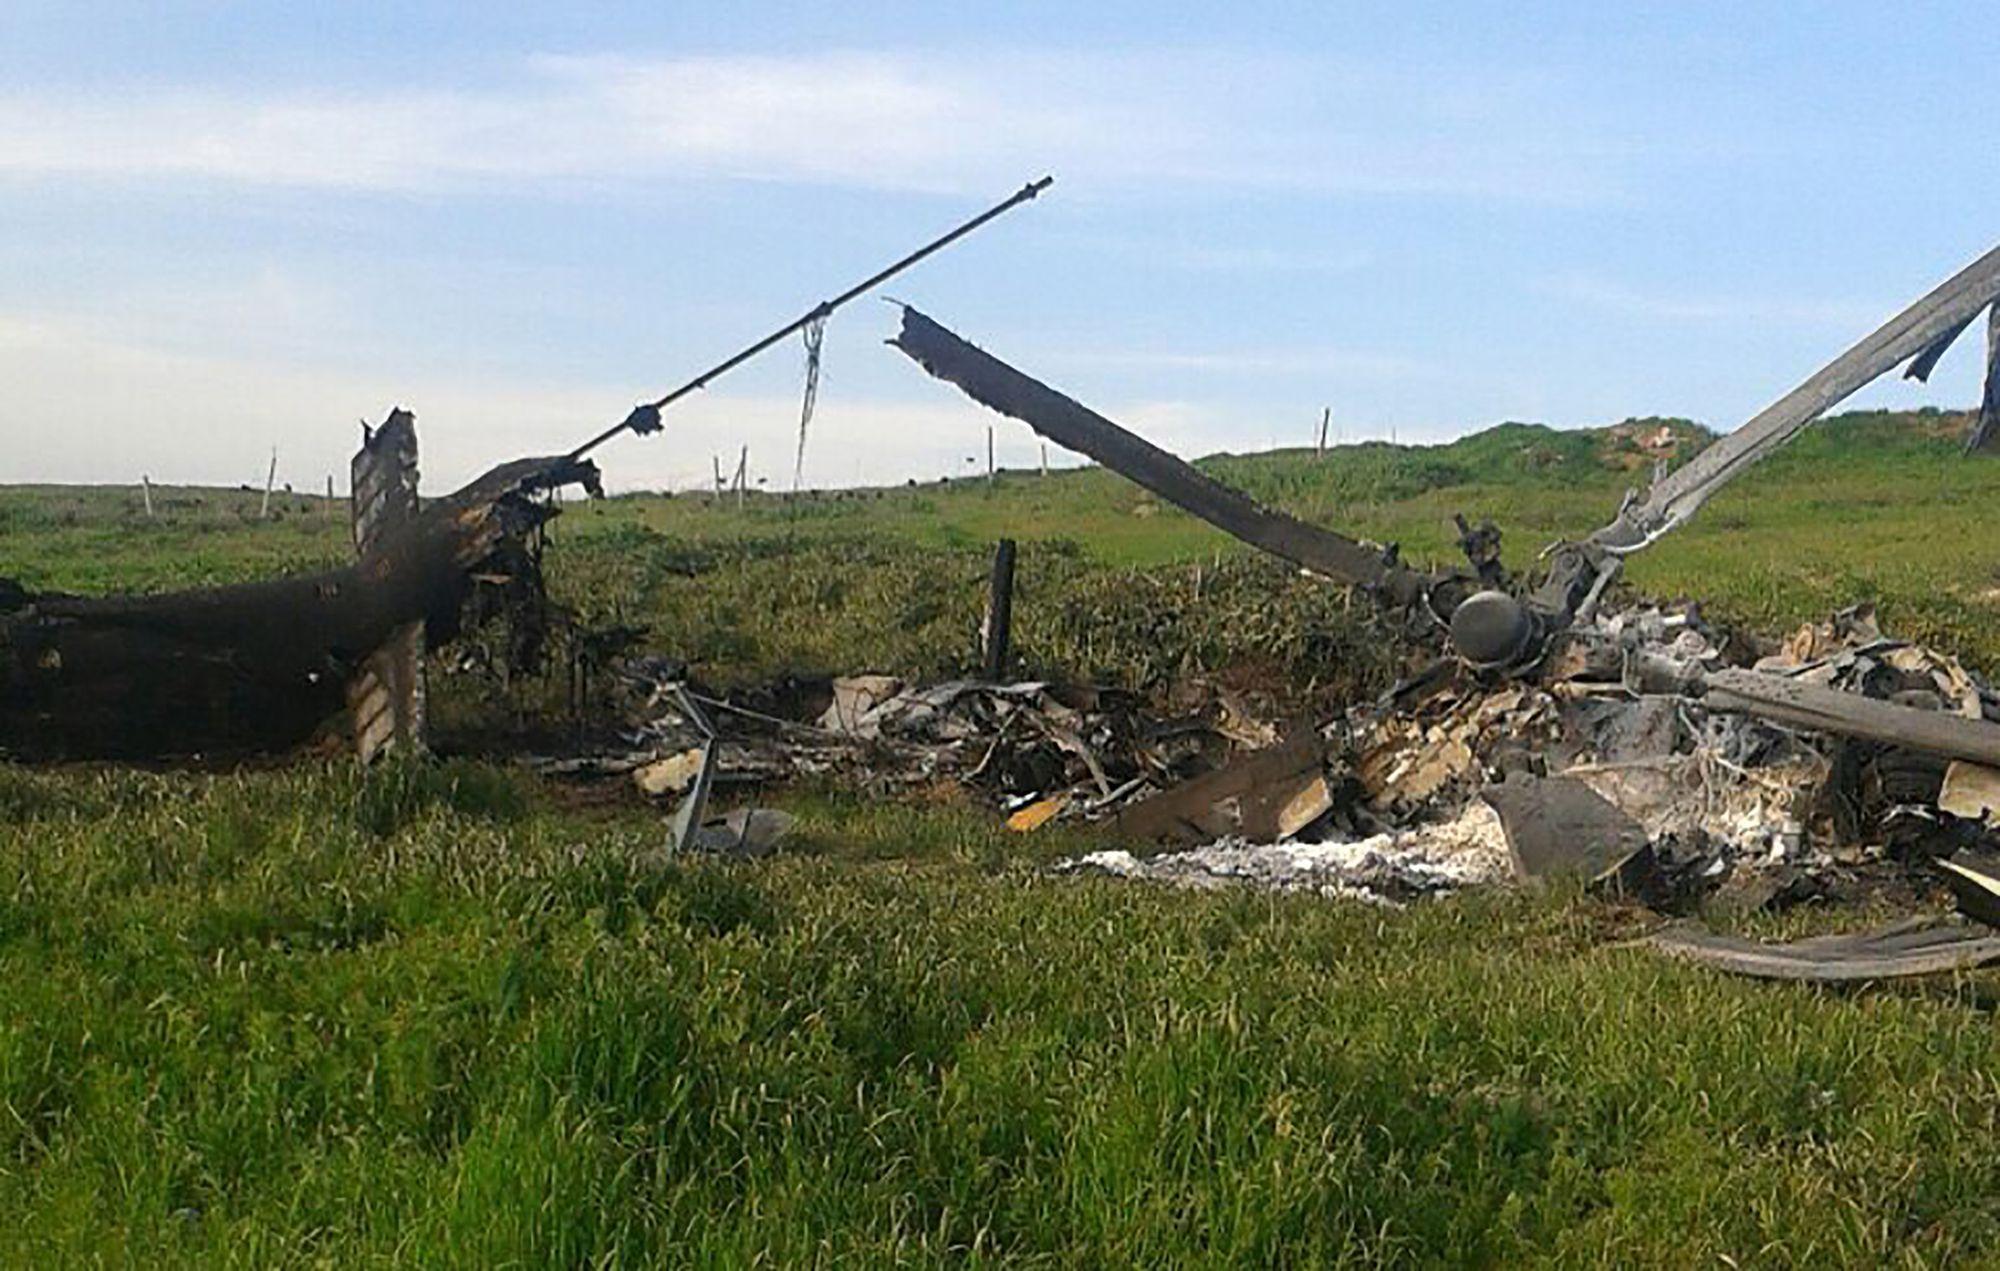 Un hélicoptère des forces séparatistes du Nagorny Karabakh, soutenues par l'Arménie, détruit lors des combats, le 2 avril 2016.